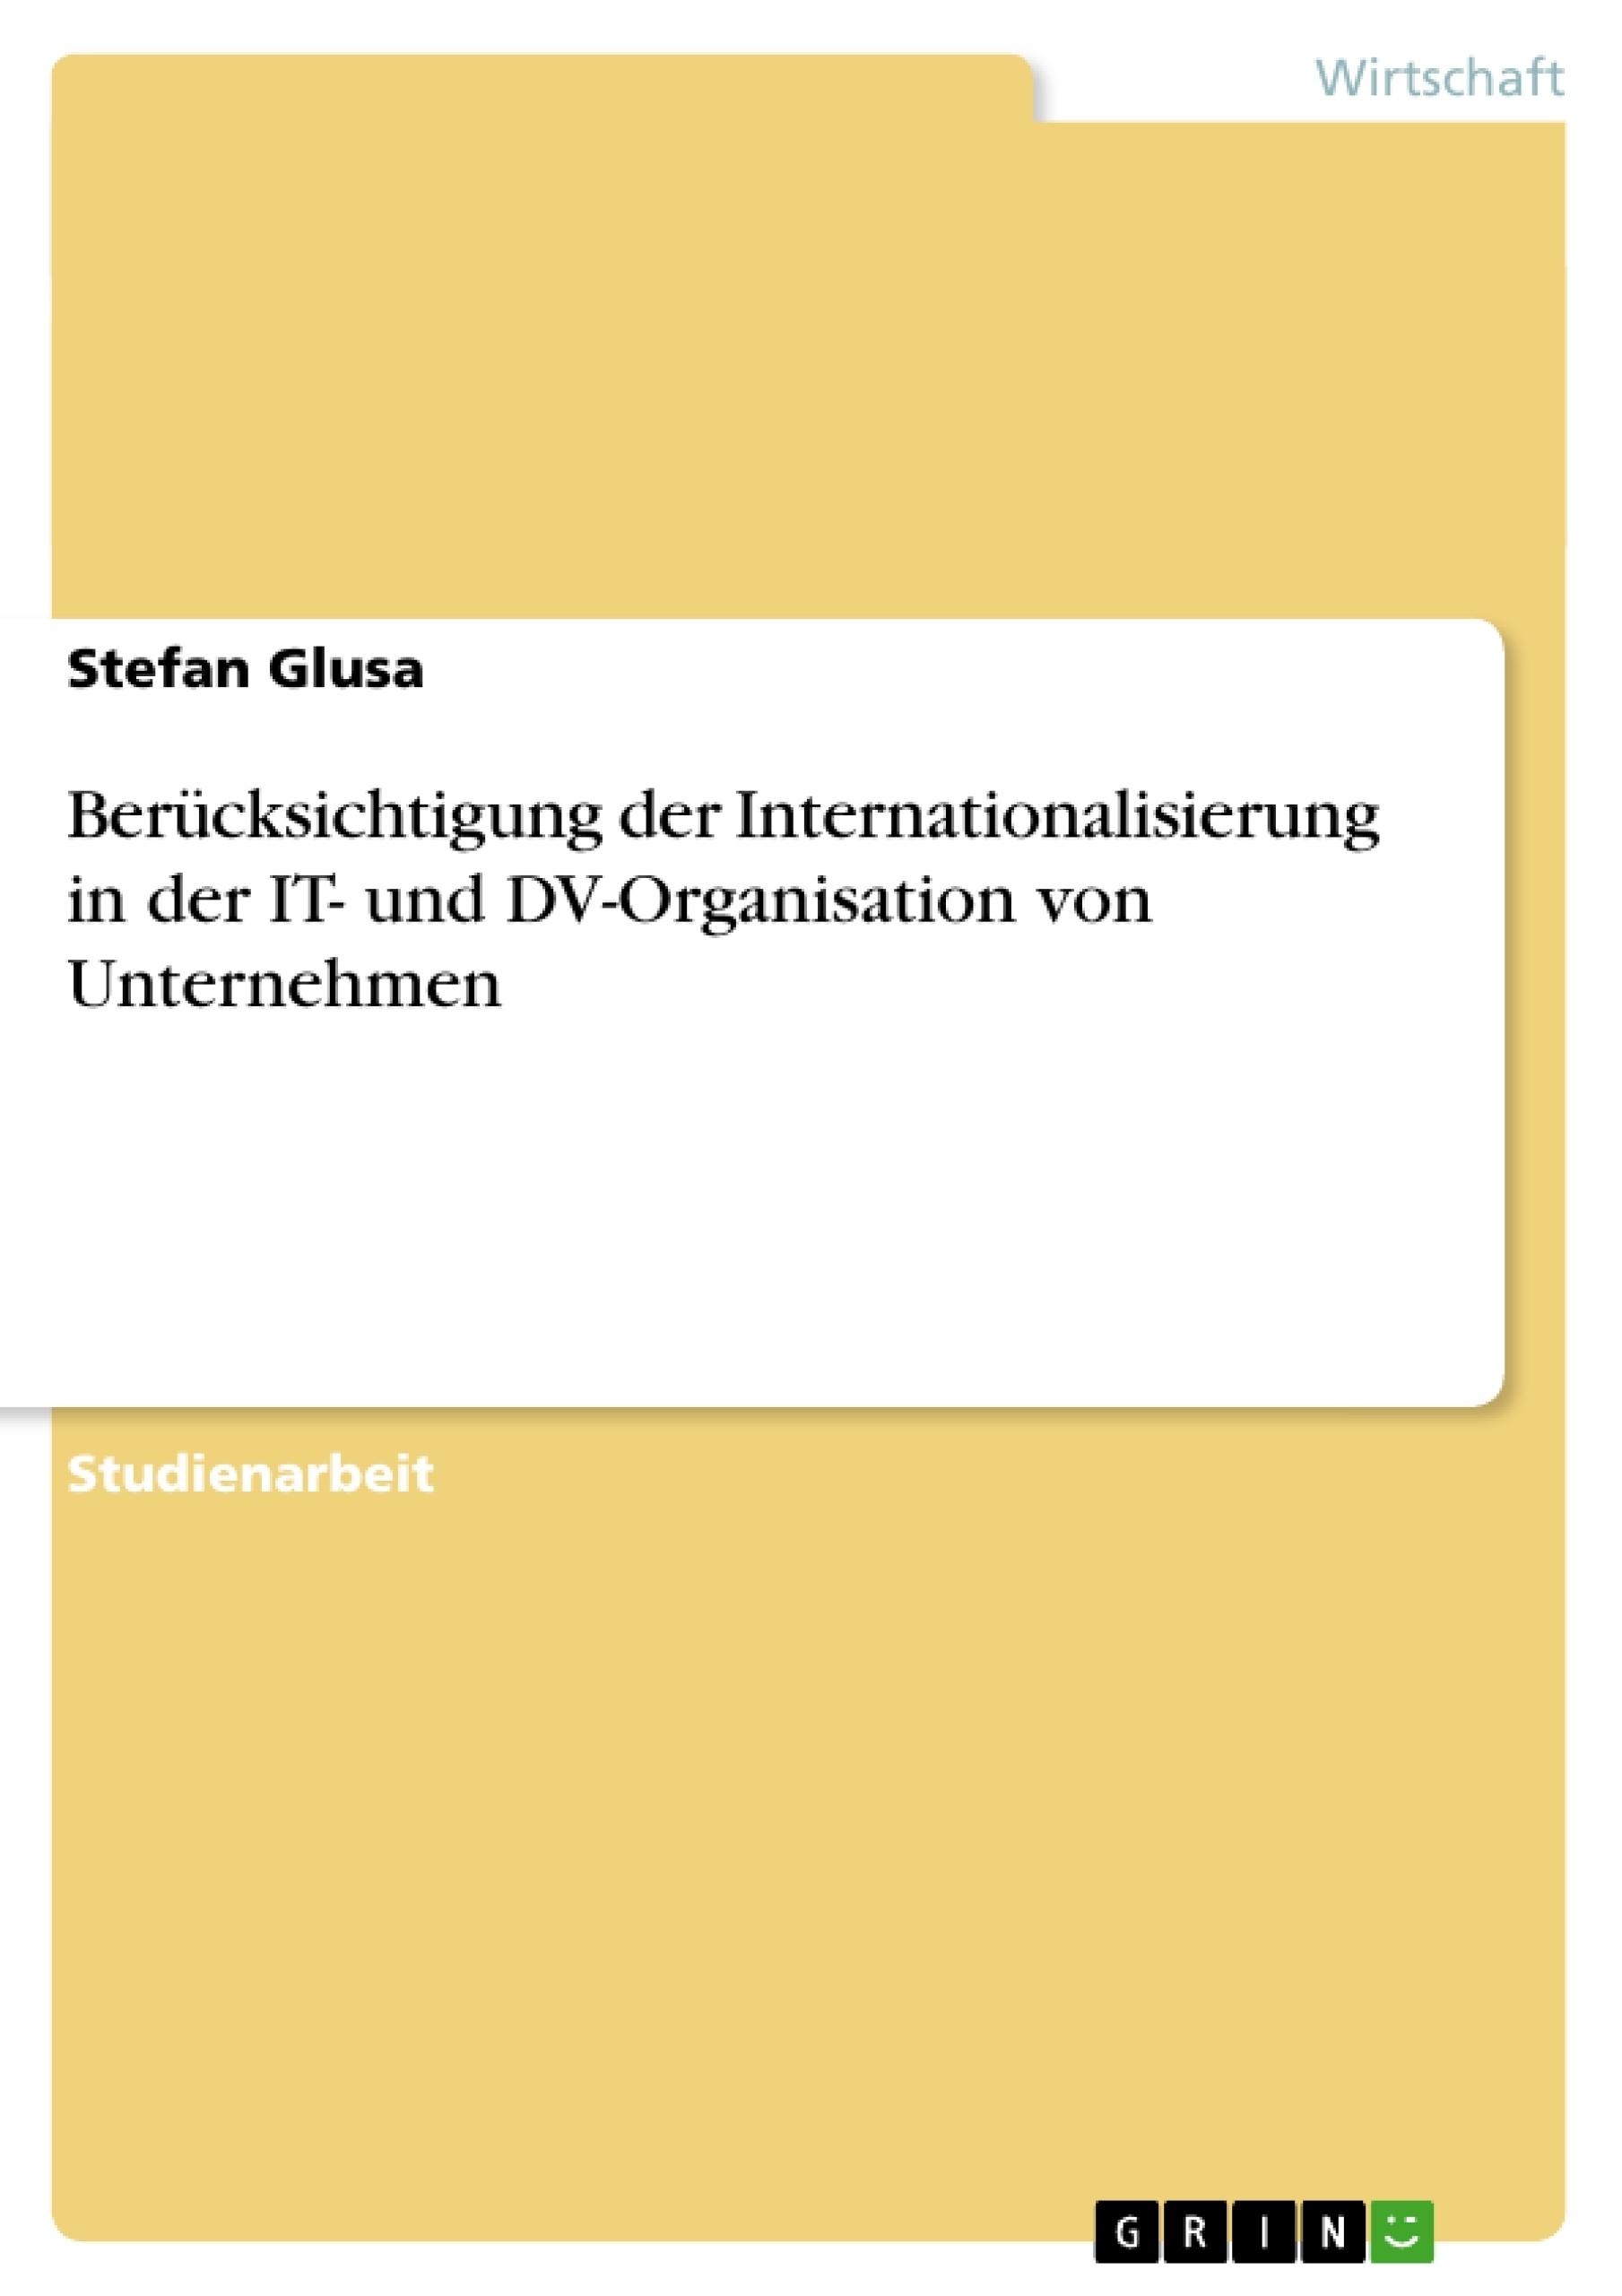 Titel: Berücksichtigung der Internationalisierung in der IT- und DV-Organisation von Unternehmen